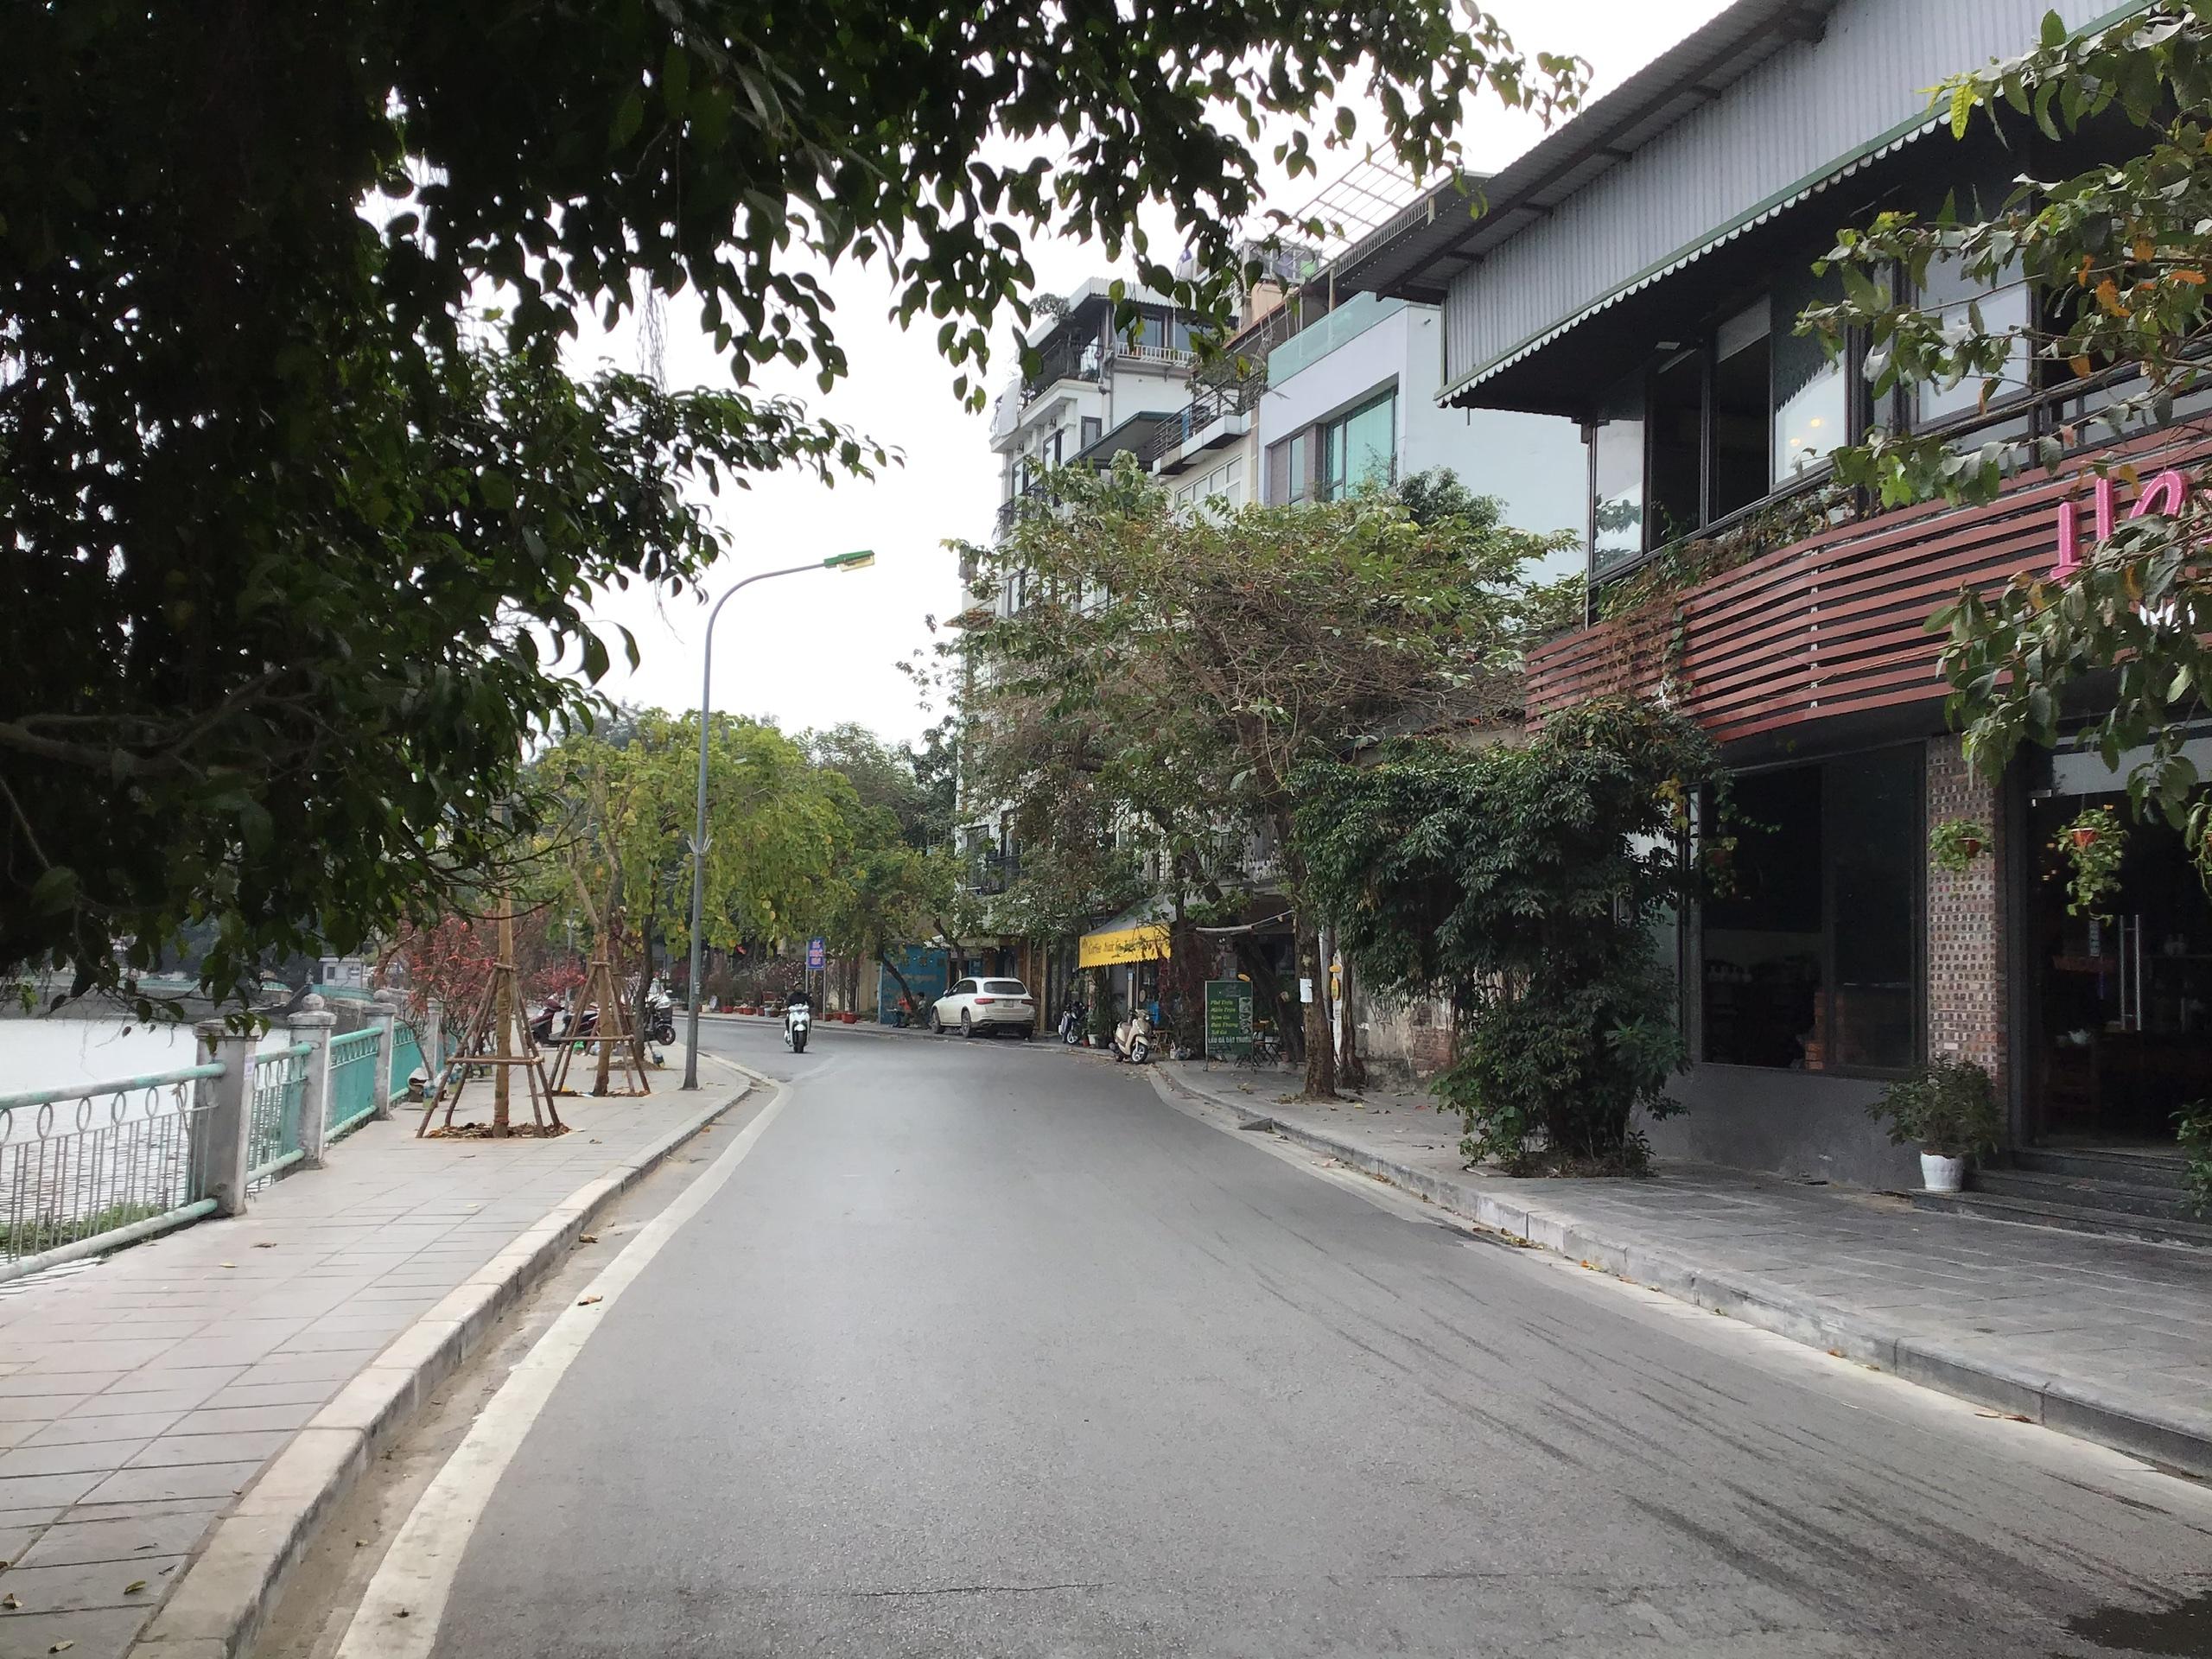 Ba khu đất dính quy hoạch ở phường Thụy Khuê, quận Tây Hồ, Hà Nội - Ảnh 15.